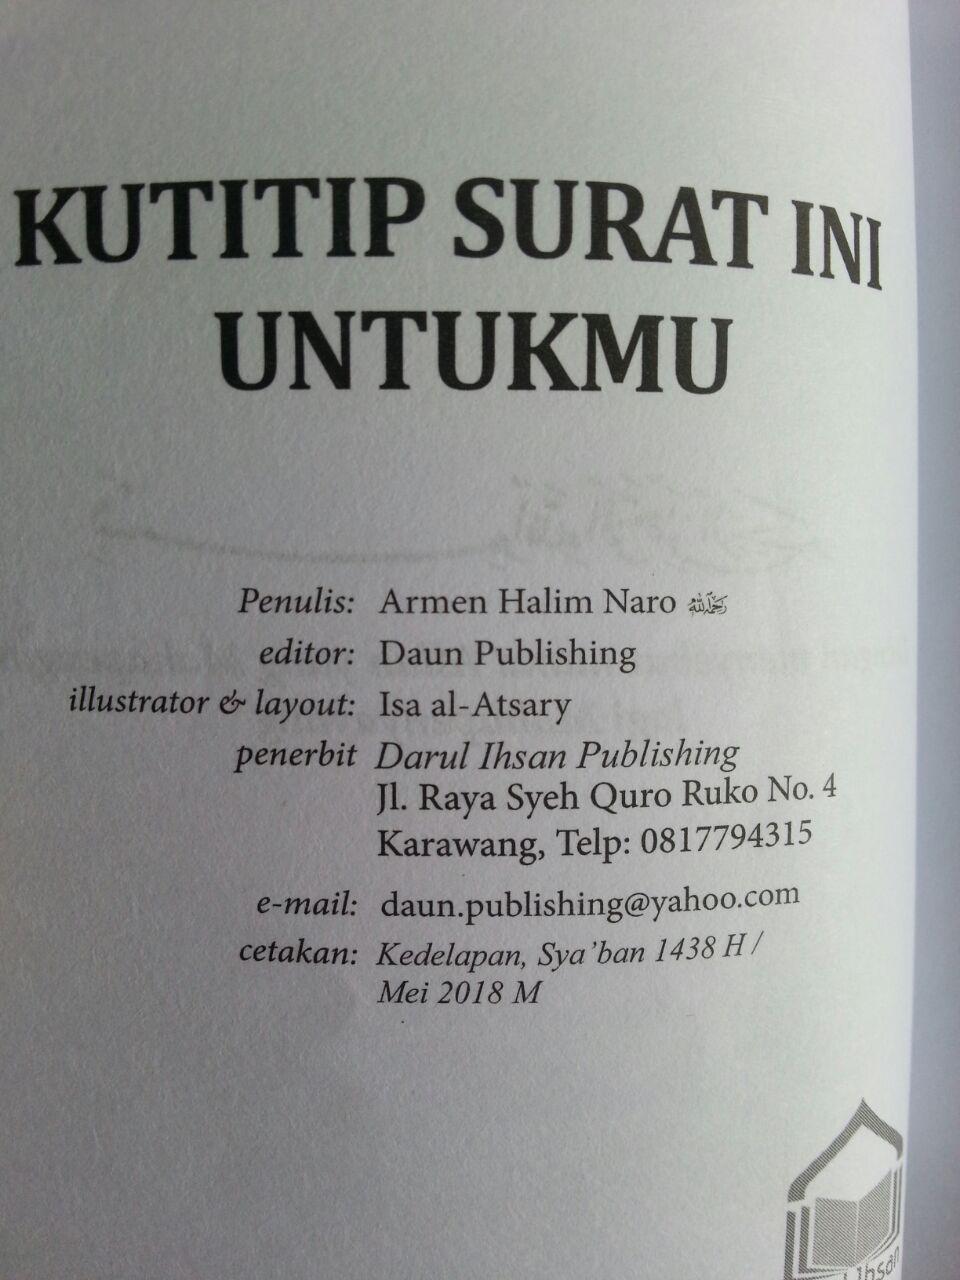 Buku Saku Kutitip Surat Ini Untukmu isi